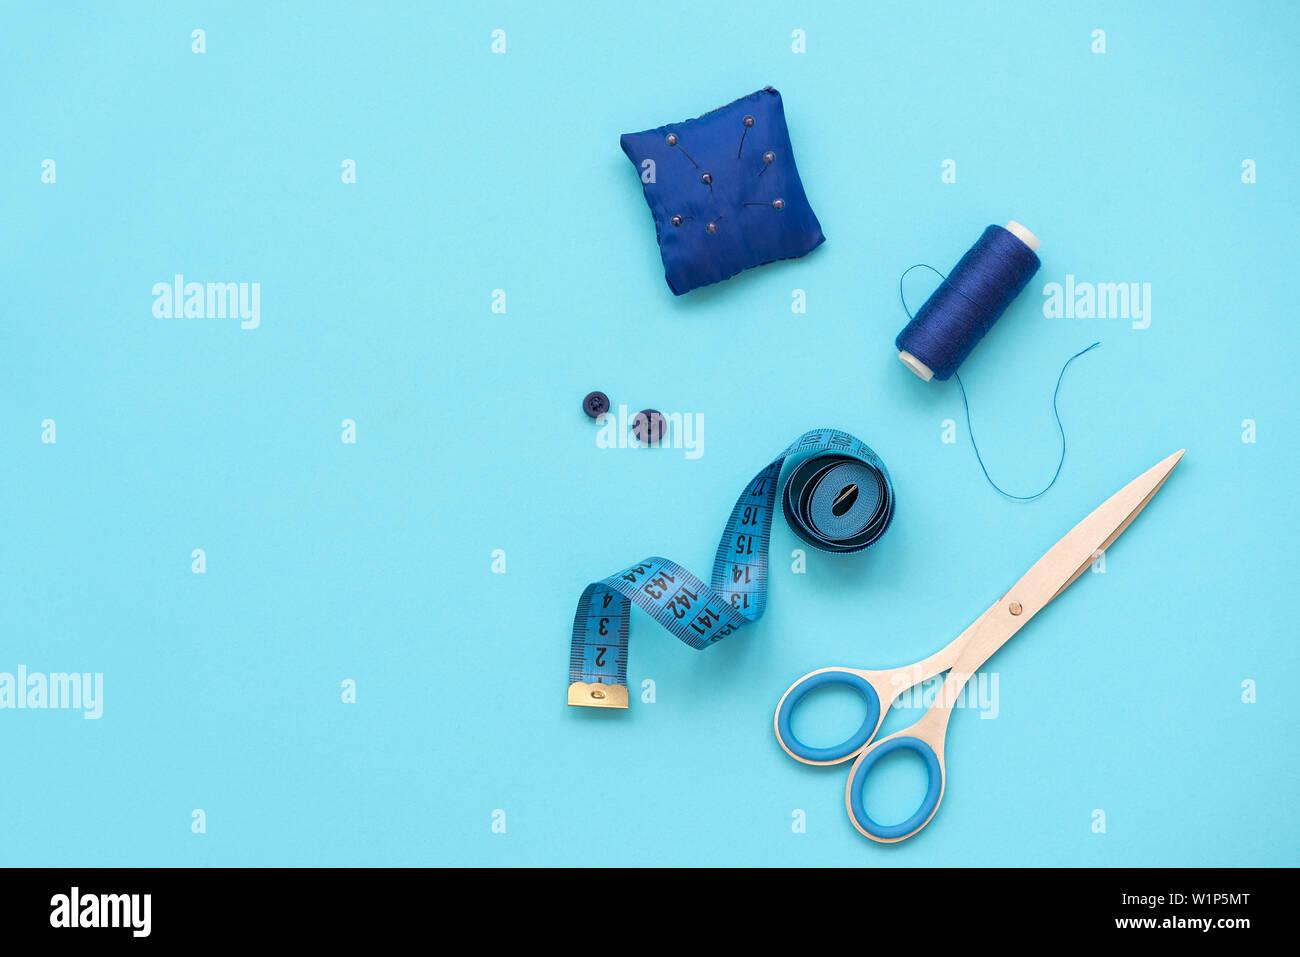 Accessoires de couture avec les threads, ciseaux, épingles, tissu, boutons et ruban de couture sur fond bleu. Vue d'en haut. Mise à plat. Banque D'Images